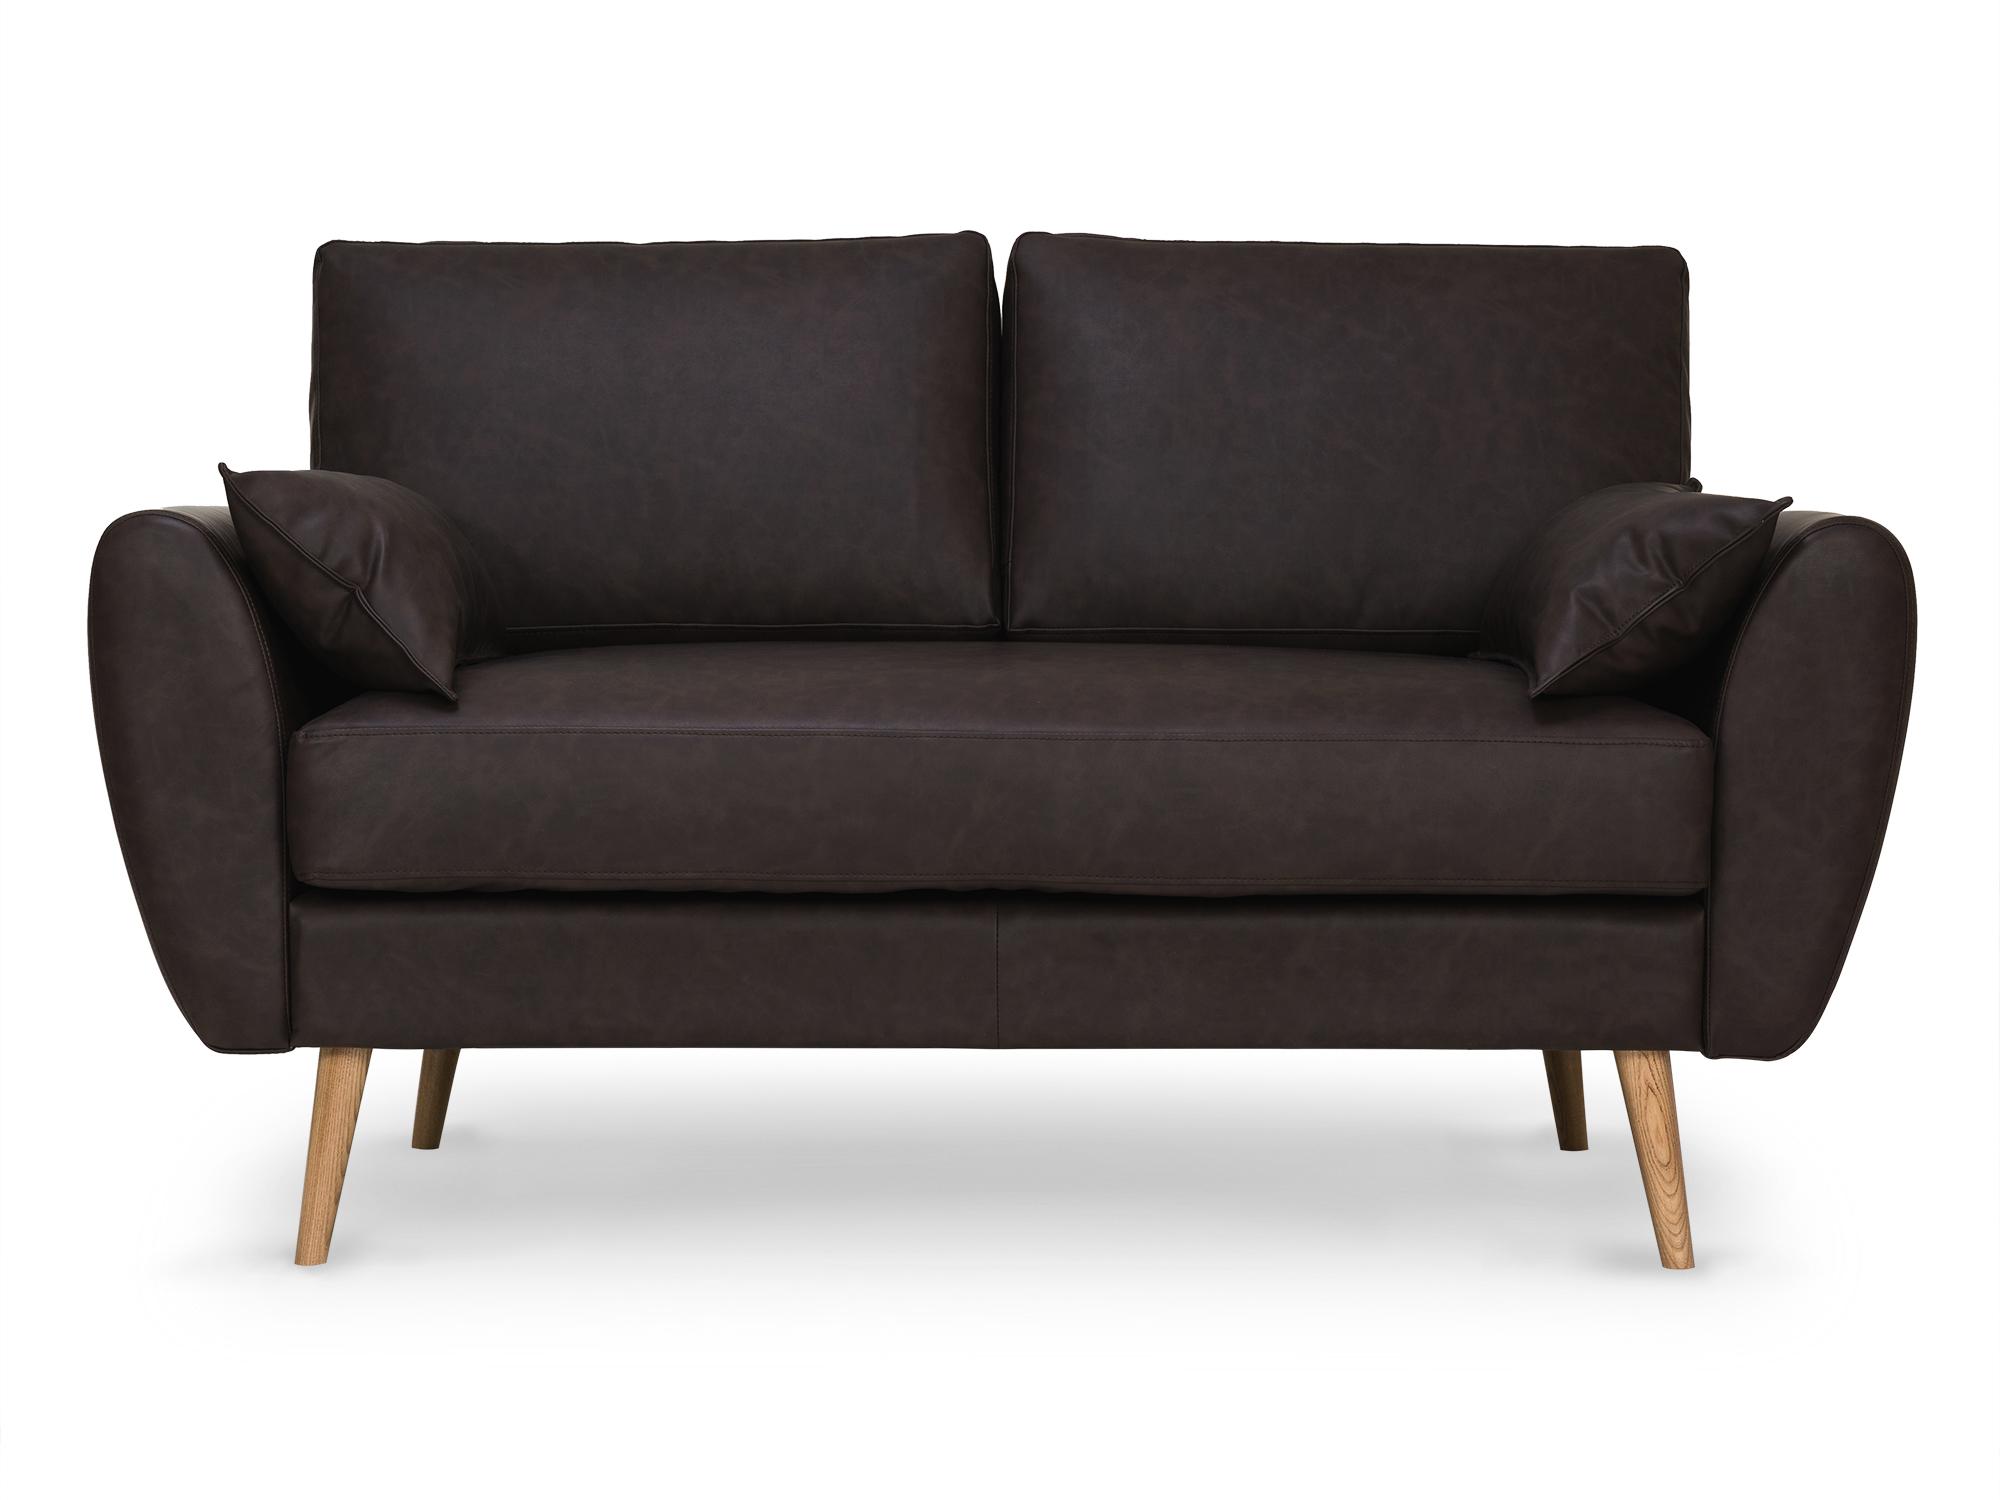 Диван VogueДвухместные диваны<br>&amp;lt;div&amp;gt;&amp;lt;div&amp;gt;Современный диван с легким намеком на &amp;quot;ретро&amp;quot; идеально подойдет для городских квартир.&amp;amp;nbsp;&amp;lt;br&amp;gt;&amp;lt;/div&amp;gt;&amp;lt;div&amp;gt;У него скругленные подлокотники, упругие подушки и как раз та длина, чтобы вы могли вытянуться в полный рост. &amp;amp;nbsp;Но благодаря высоким ножкам &amp;quot;Vogue&amp;quot; выглядит лаконично и элегантно.&amp;amp;nbsp;&amp;lt;br&amp;gt;&amp;lt;/div&amp;gt;&amp;lt;div&amp;gt;&amp;lt;br&amp;gt;&amp;lt;/div&amp;gt;&amp;lt;div&amp;gt;Специально для этой серии наши стилисты подобрали 10 модных оттенков практичной рогожки.&amp;amp;nbsp;&amp;lt;br&amp;gt;&amp;lt;/div&amp;gt;&amp;lt;/div&amp;gt;&amp;lt;div&amp;gt;&amp;lt;br&amp;gt;&amp;lt;/div&amp;gt;Корпус: фанера, брус&amp;lt;div&amp;gt;Обивка: экокожа&amp;lt;div&amp;gt;&amp;lt;div&amp;gt;Ножки: дуб.&amp;lt;/div&amp;gt;&amp;lt;div&amp;gt;&amp;lt;br&amp;gt;&amp;lt;/div&amp;gt;&amp;lt;div&amp;gt;&amp;lt;br&amp;gt;&amp;lt;/div&amp;gt;&amp;lt;/div&amp;gt;&amp;lt;/div&amp;gt;<br><br>Material: Экокожа<br>Ширина см: 136<br>Высота см: 88<br>Глубина см: 91